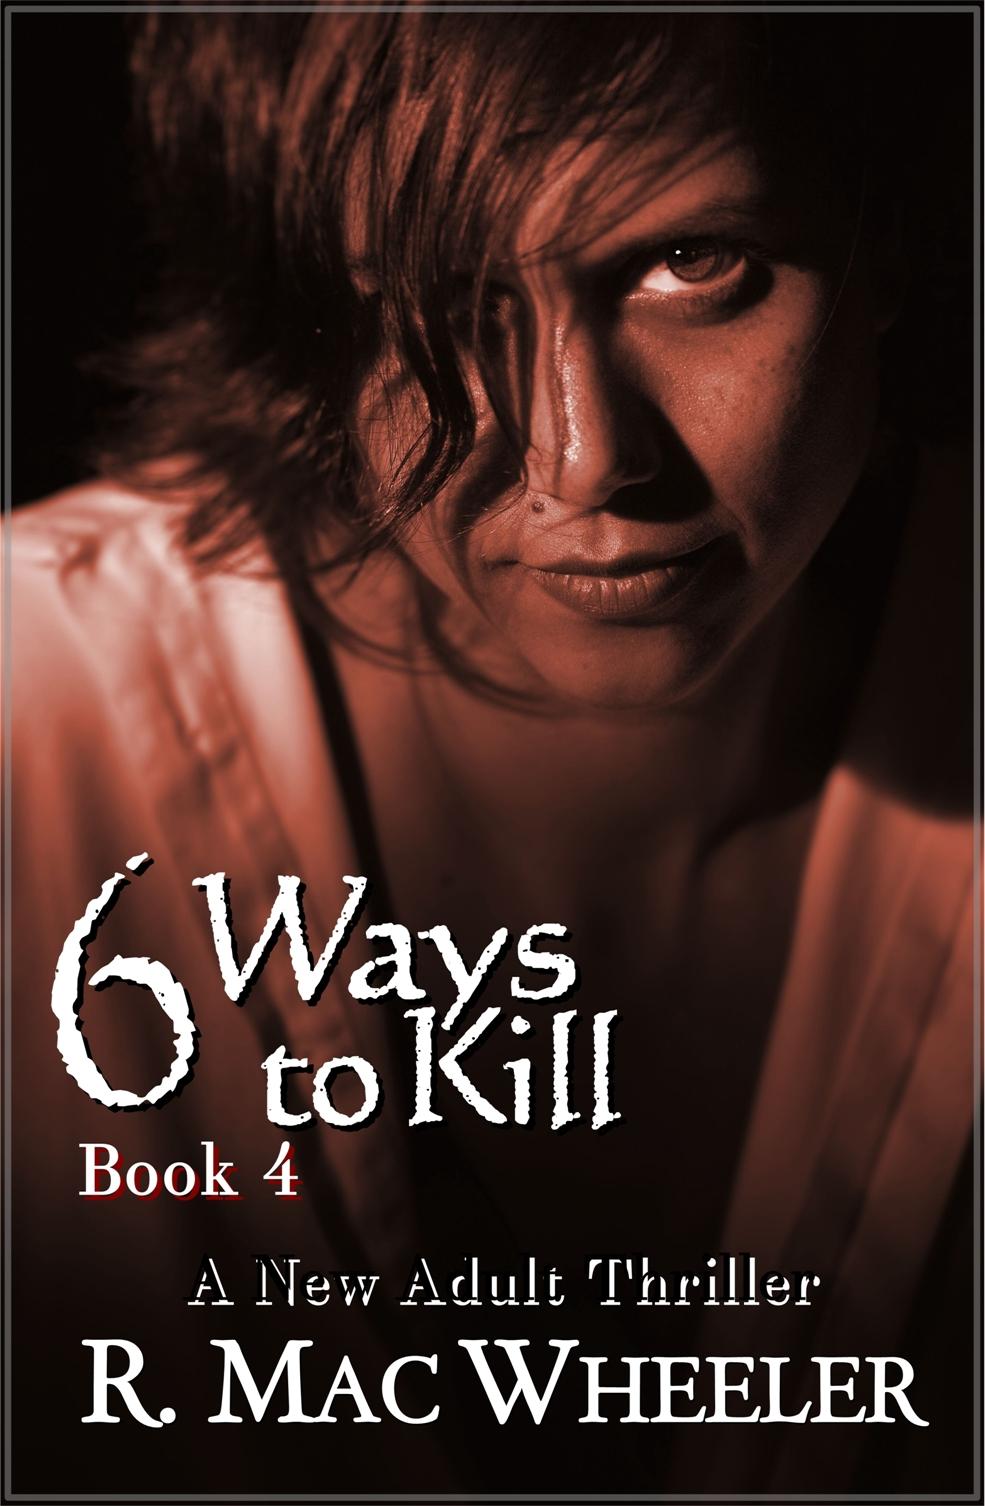 6 Ways to Kill